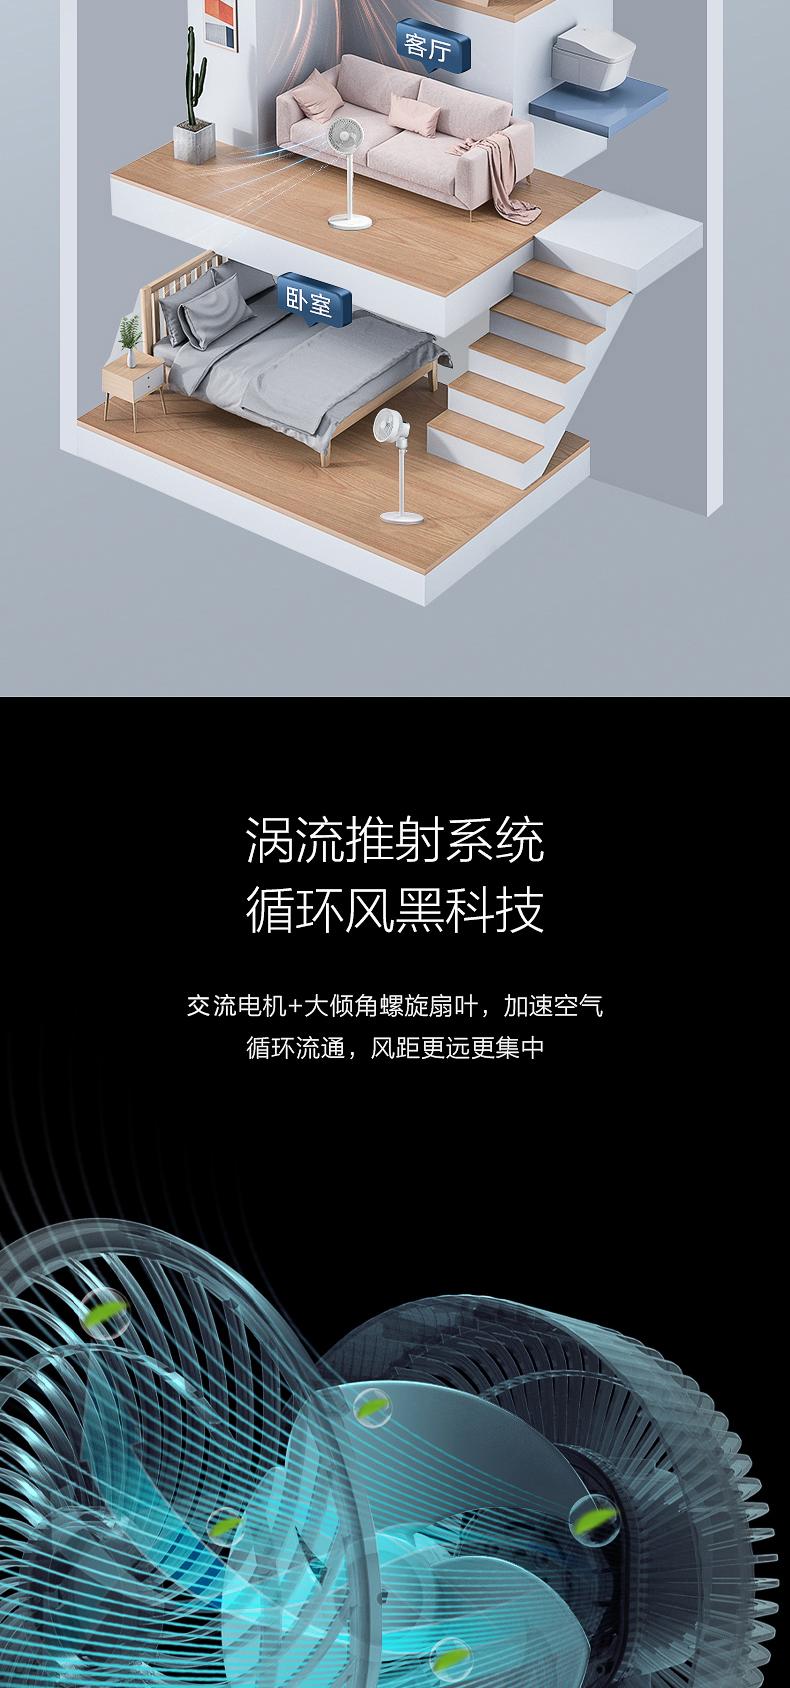 美的布谷 3D循环落地扇 台地两用 图4